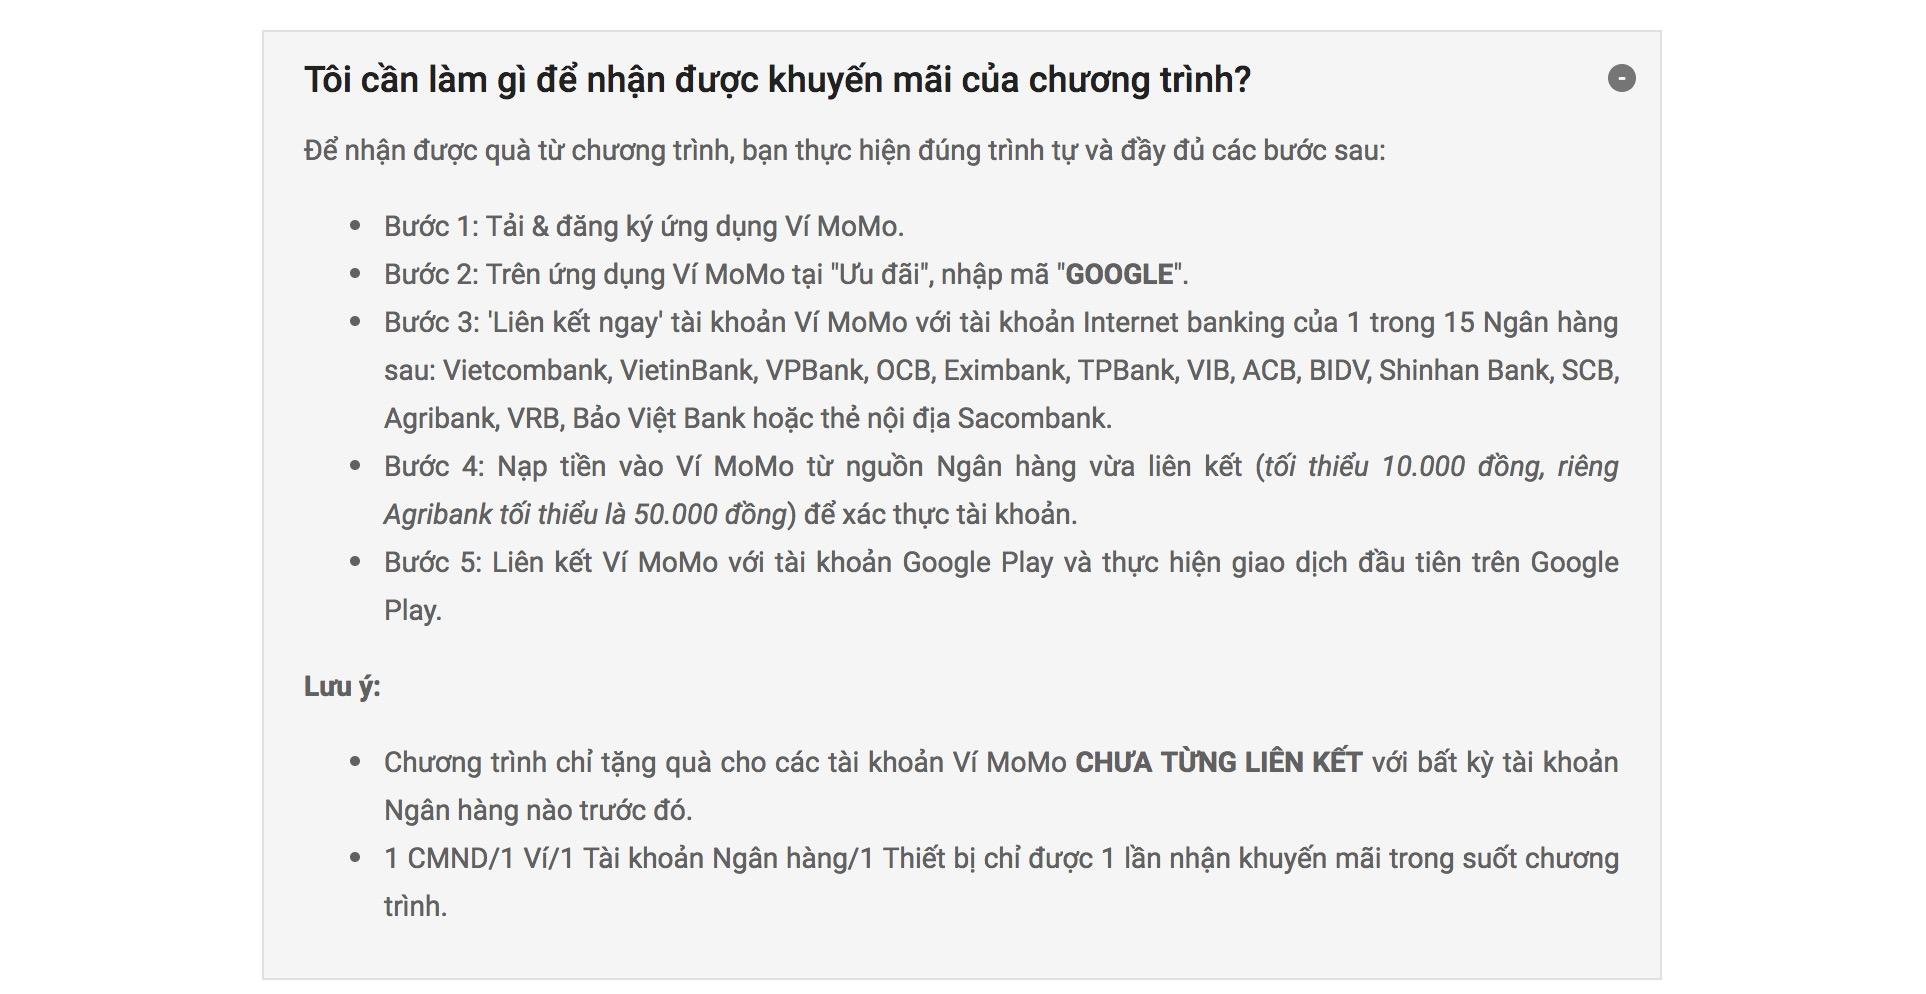 Huong Dan Mua Ung Dung Tren Google Play Tren Vi Momo Don Gian 05